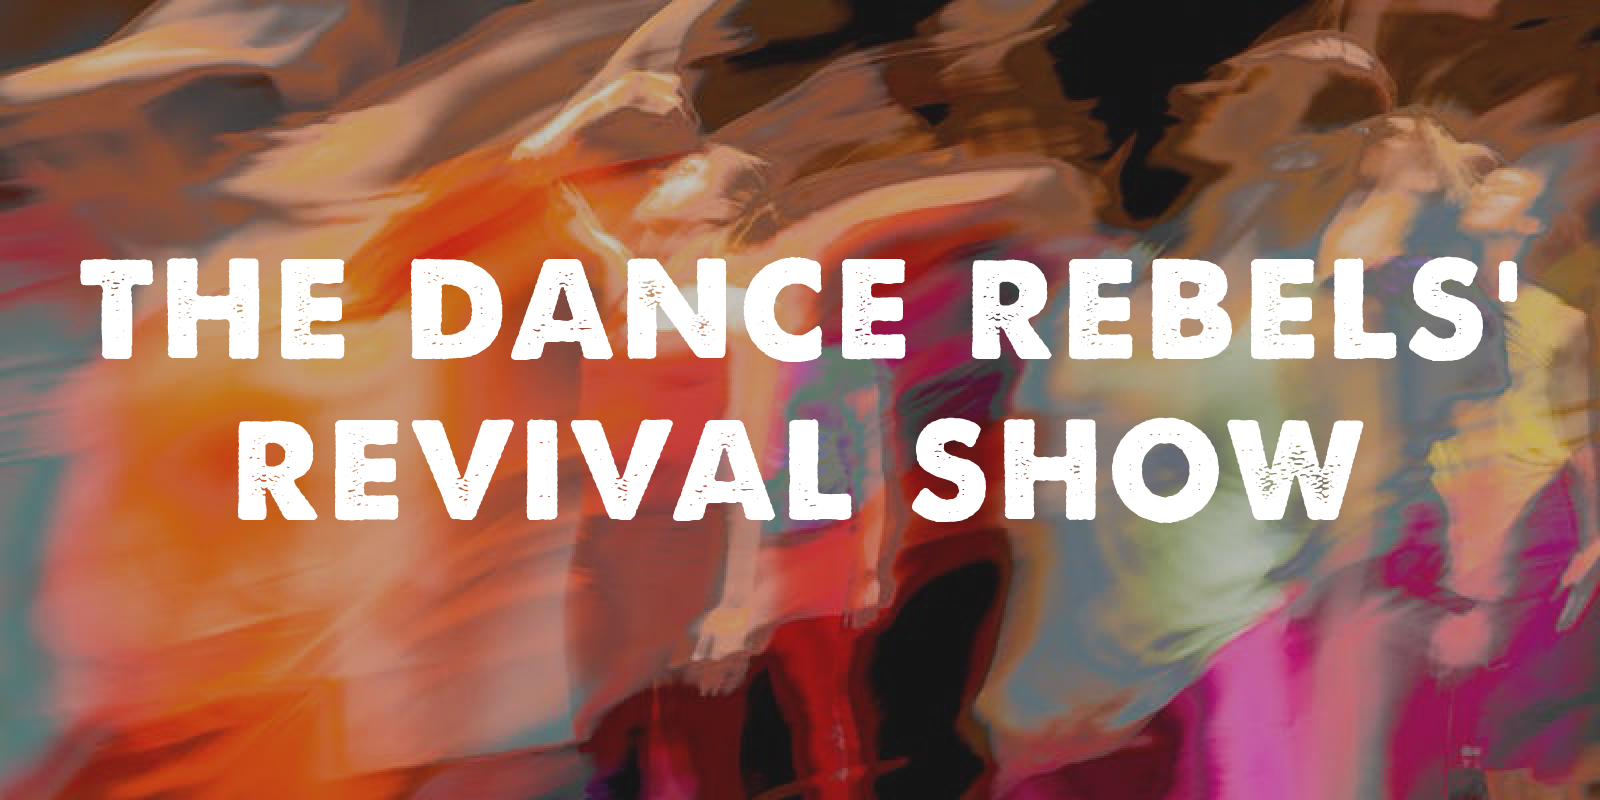 RevivalShow_Header.jpg